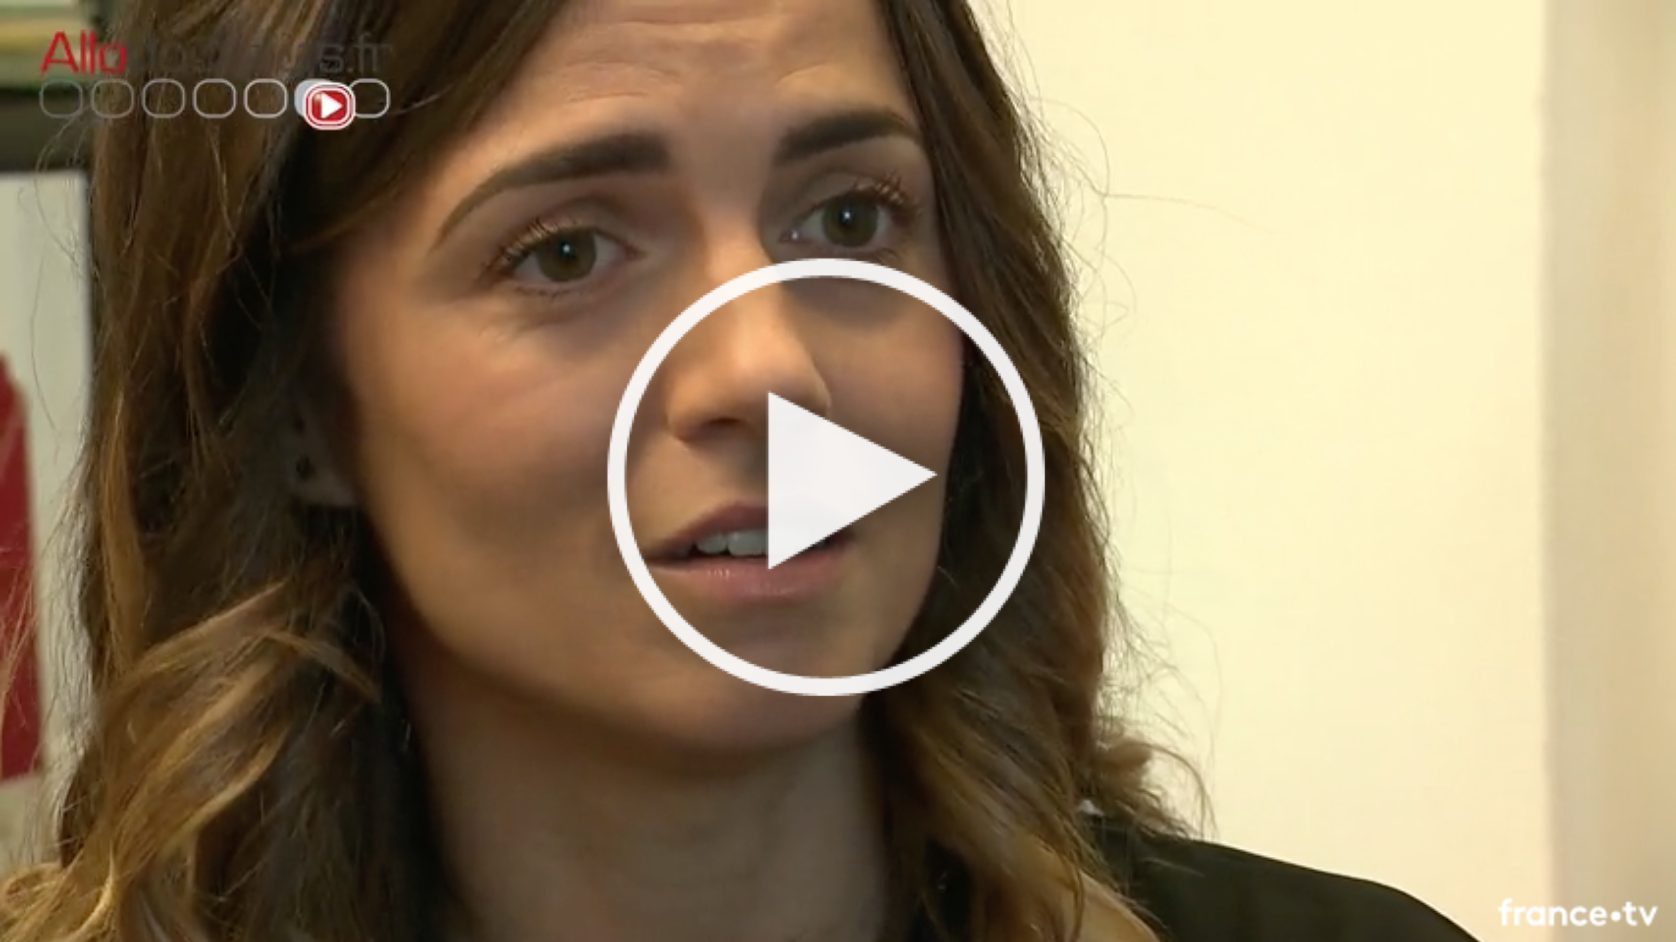 VIDEO - Témoignage choc d'une infirmière agressée par son chef de service !